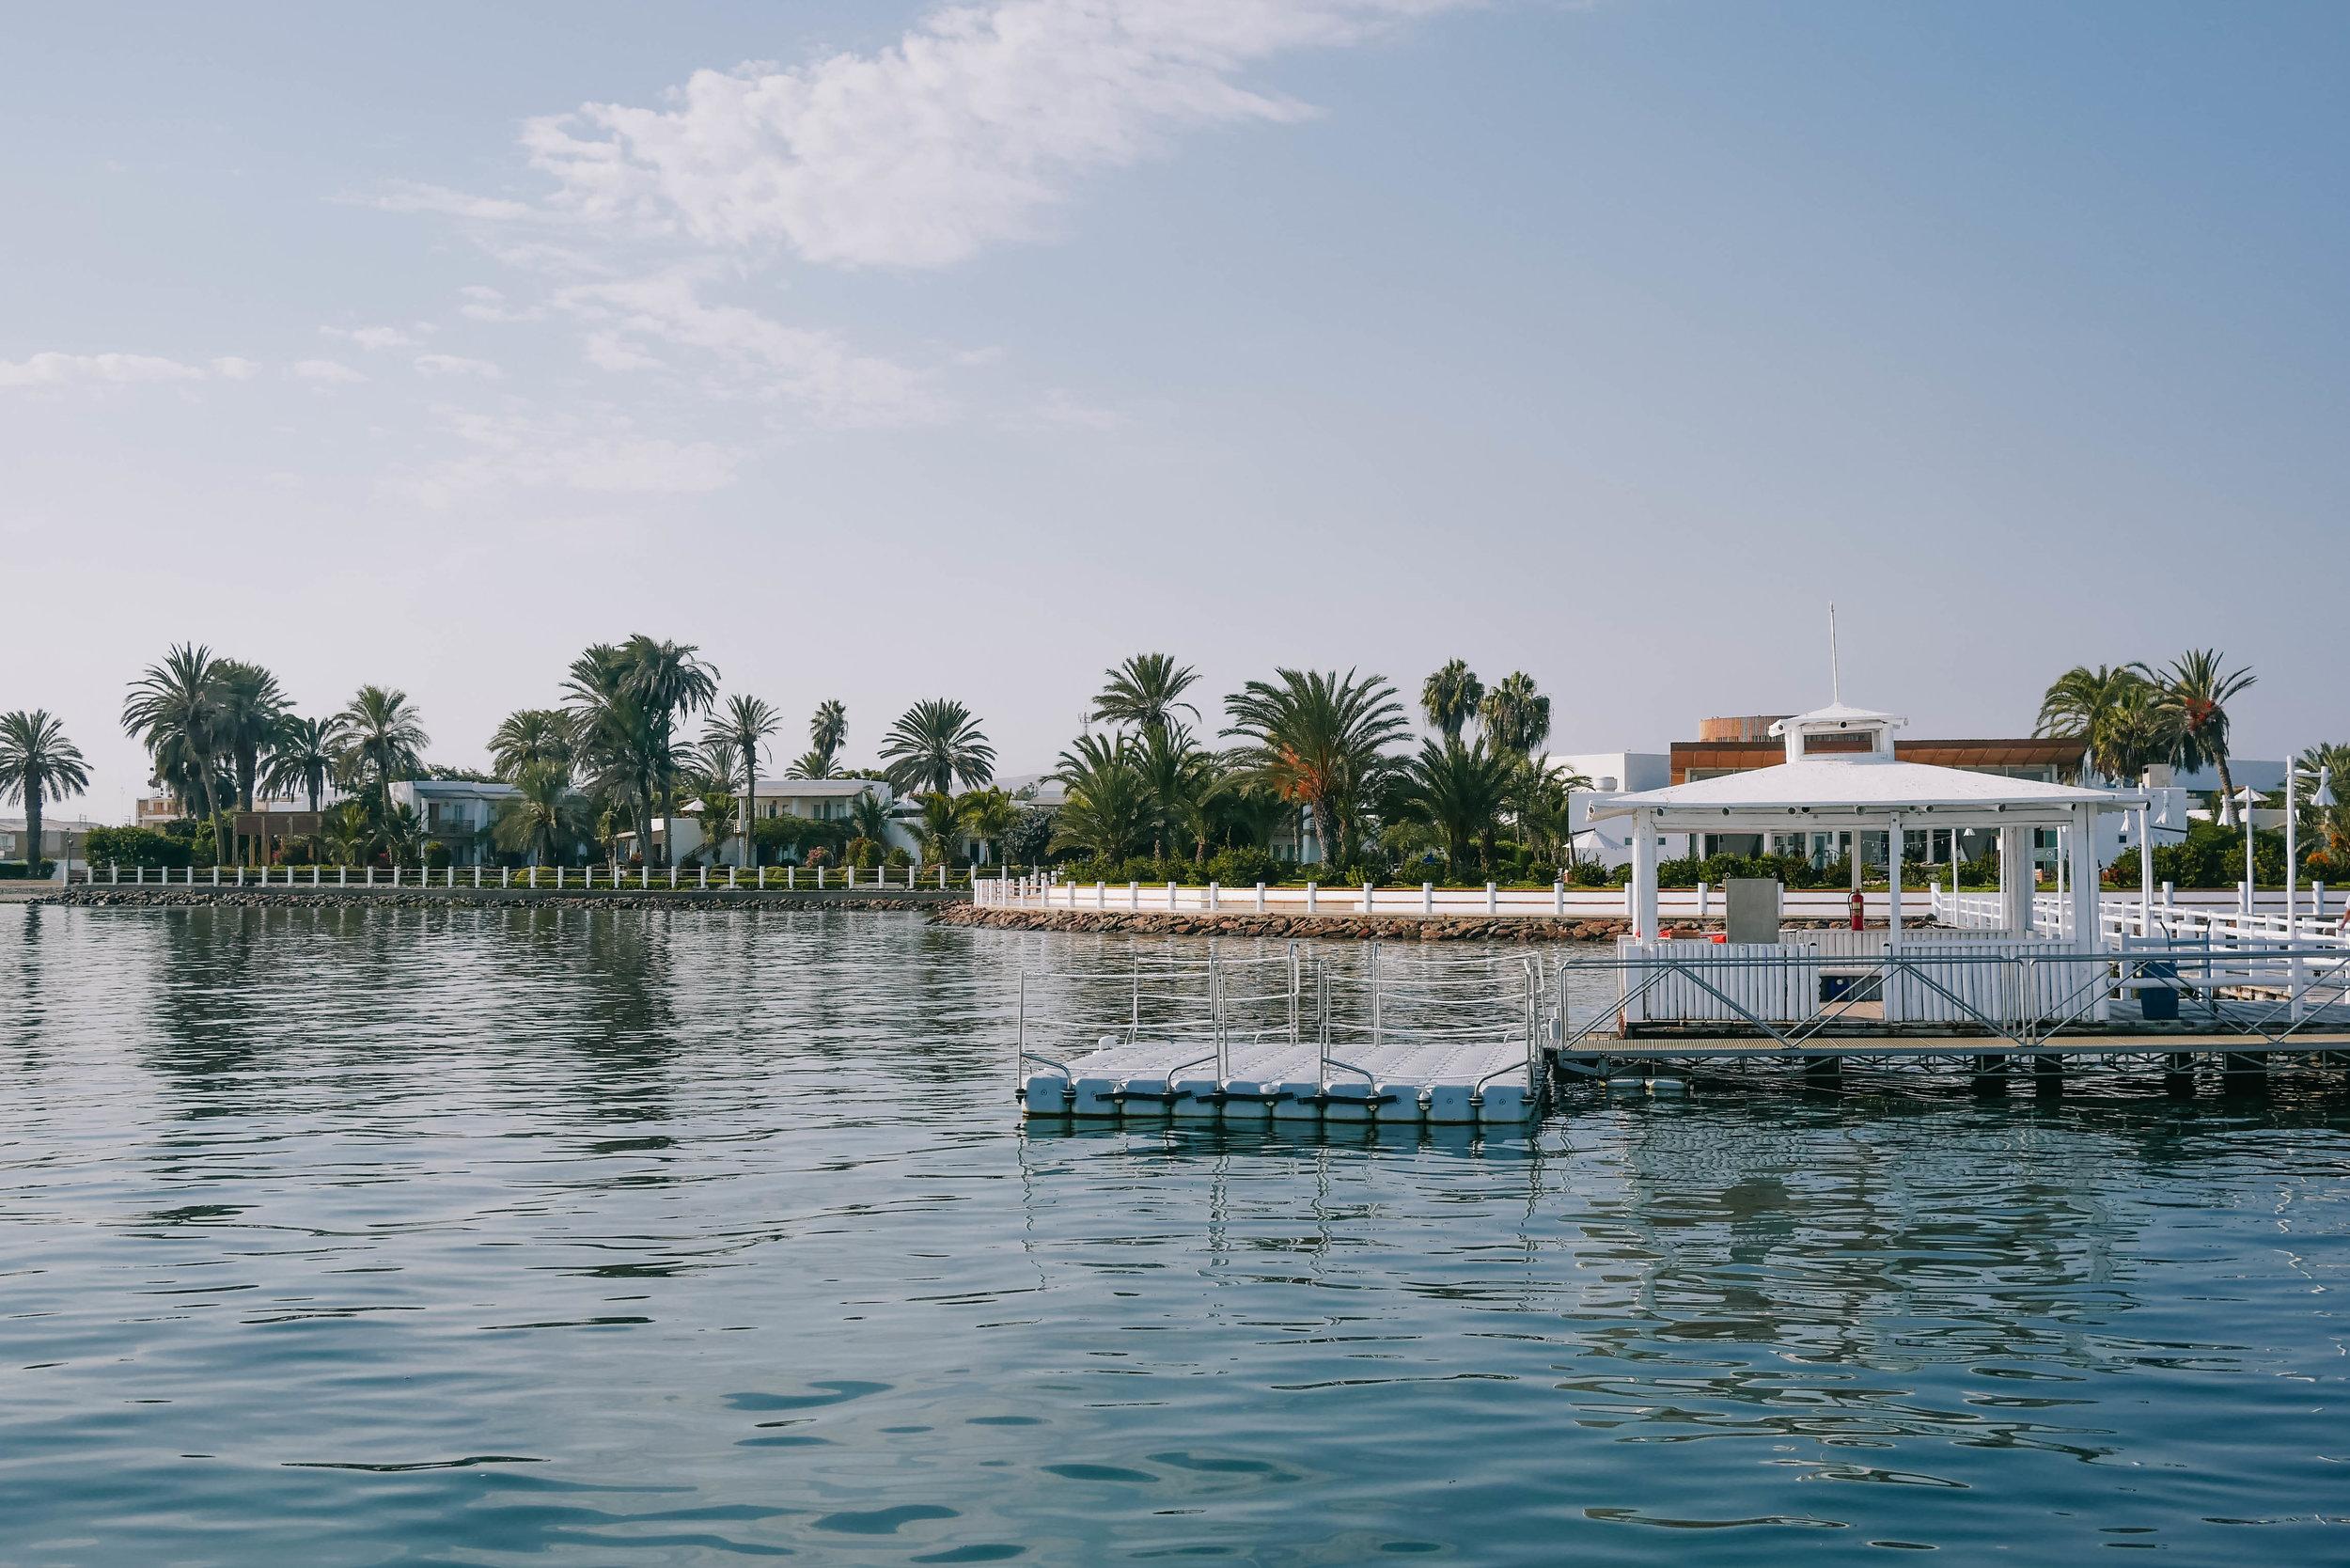 paracas-hotel-luxury-thecheerfulist